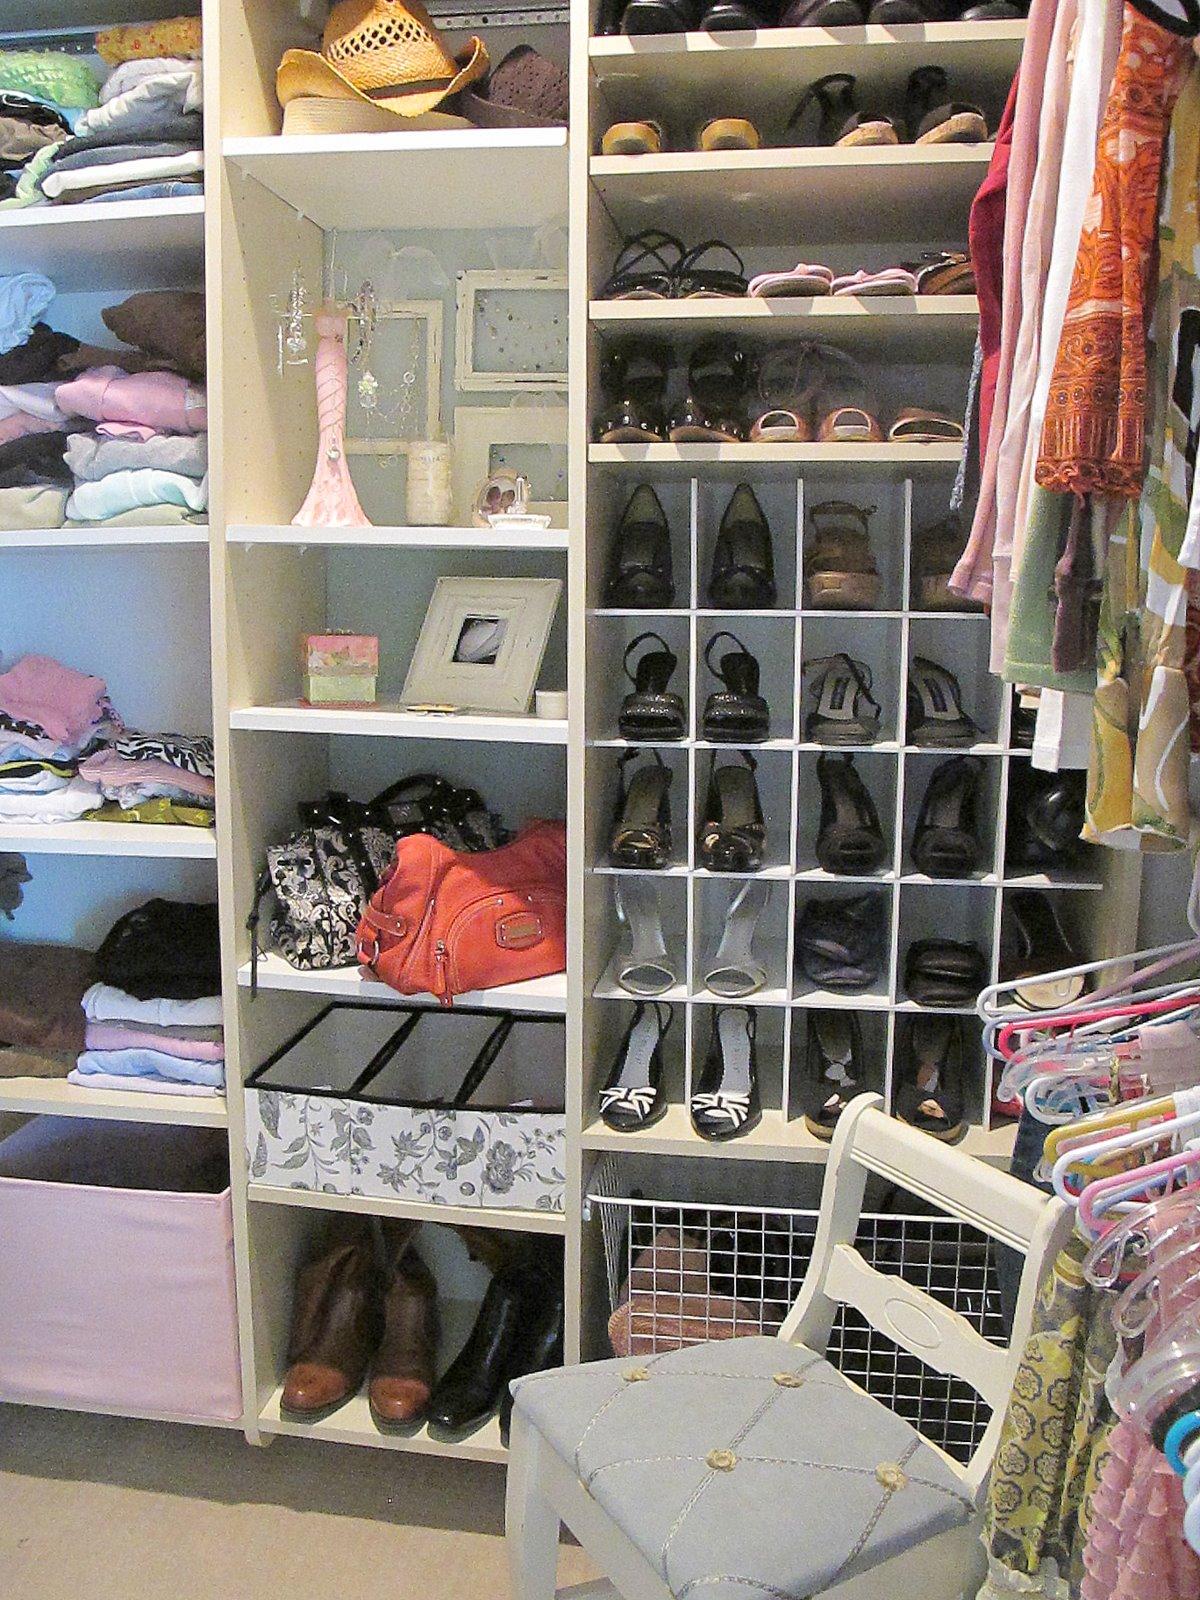 The Closet Reveal